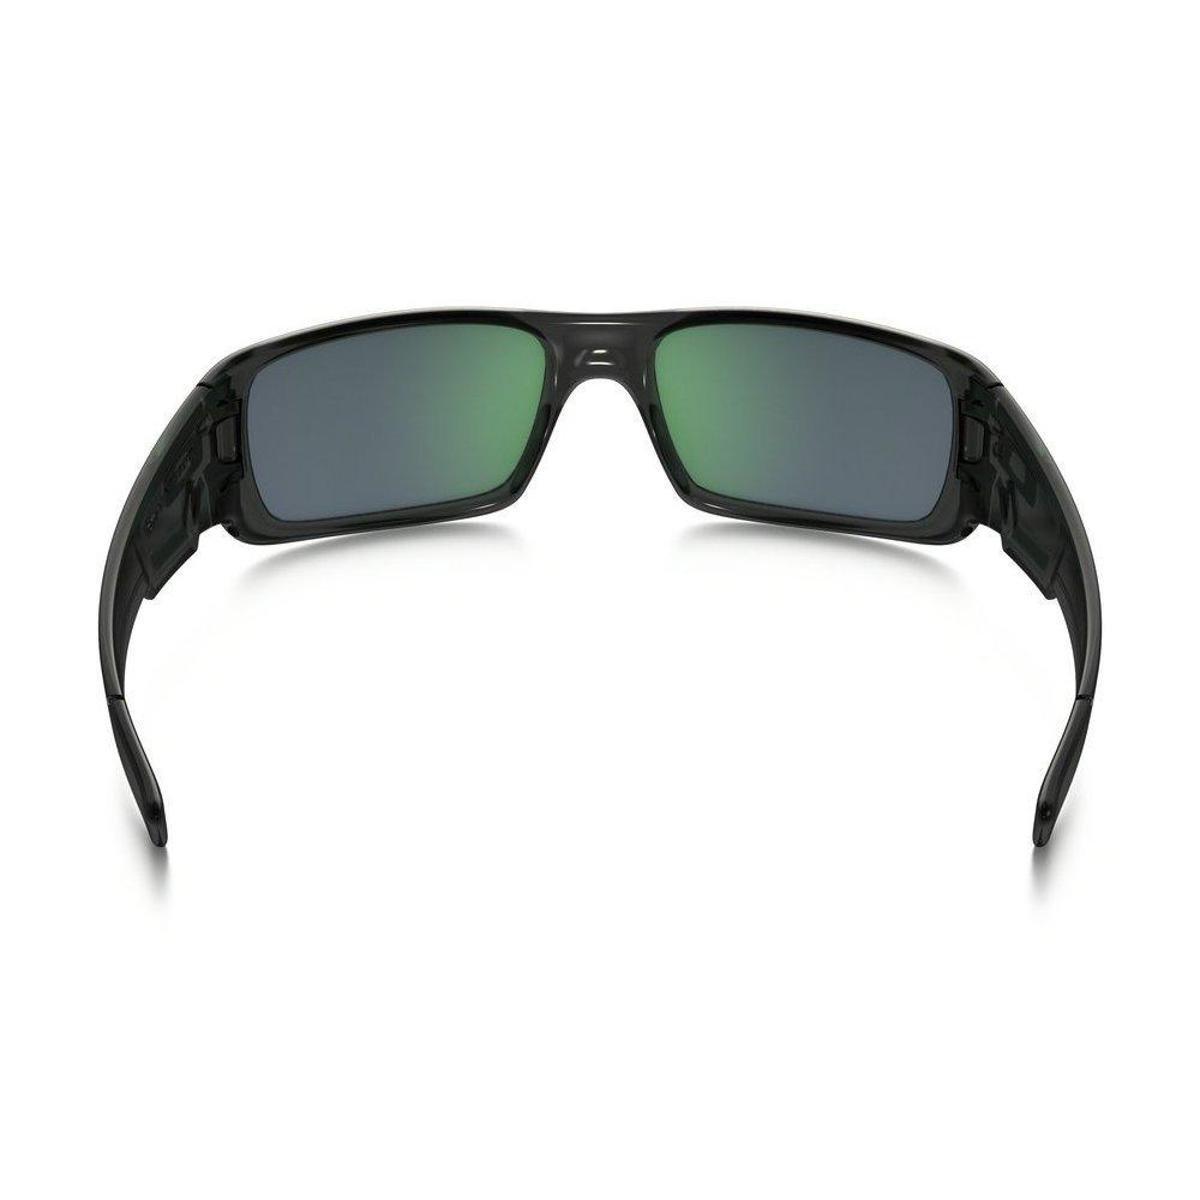 ÓCULOS OAKLEY CRANKSHAFT OO9239-02 - Verde - Compre Agora   Netshoes d8b93e9d98